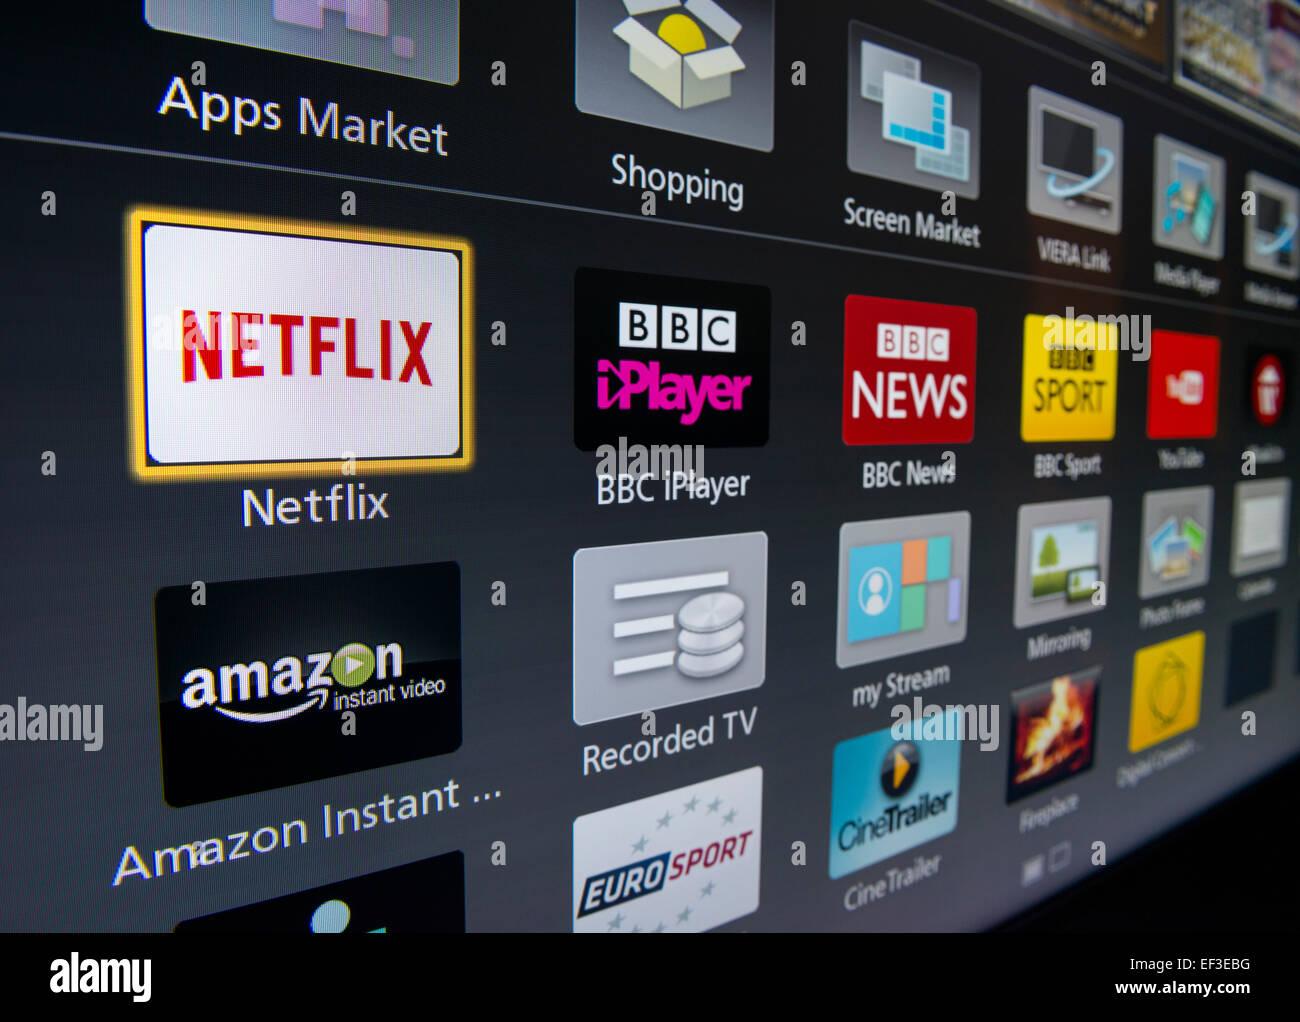 Las aplicaciones en la pantalla de un TV inteligente Imagen De Stock